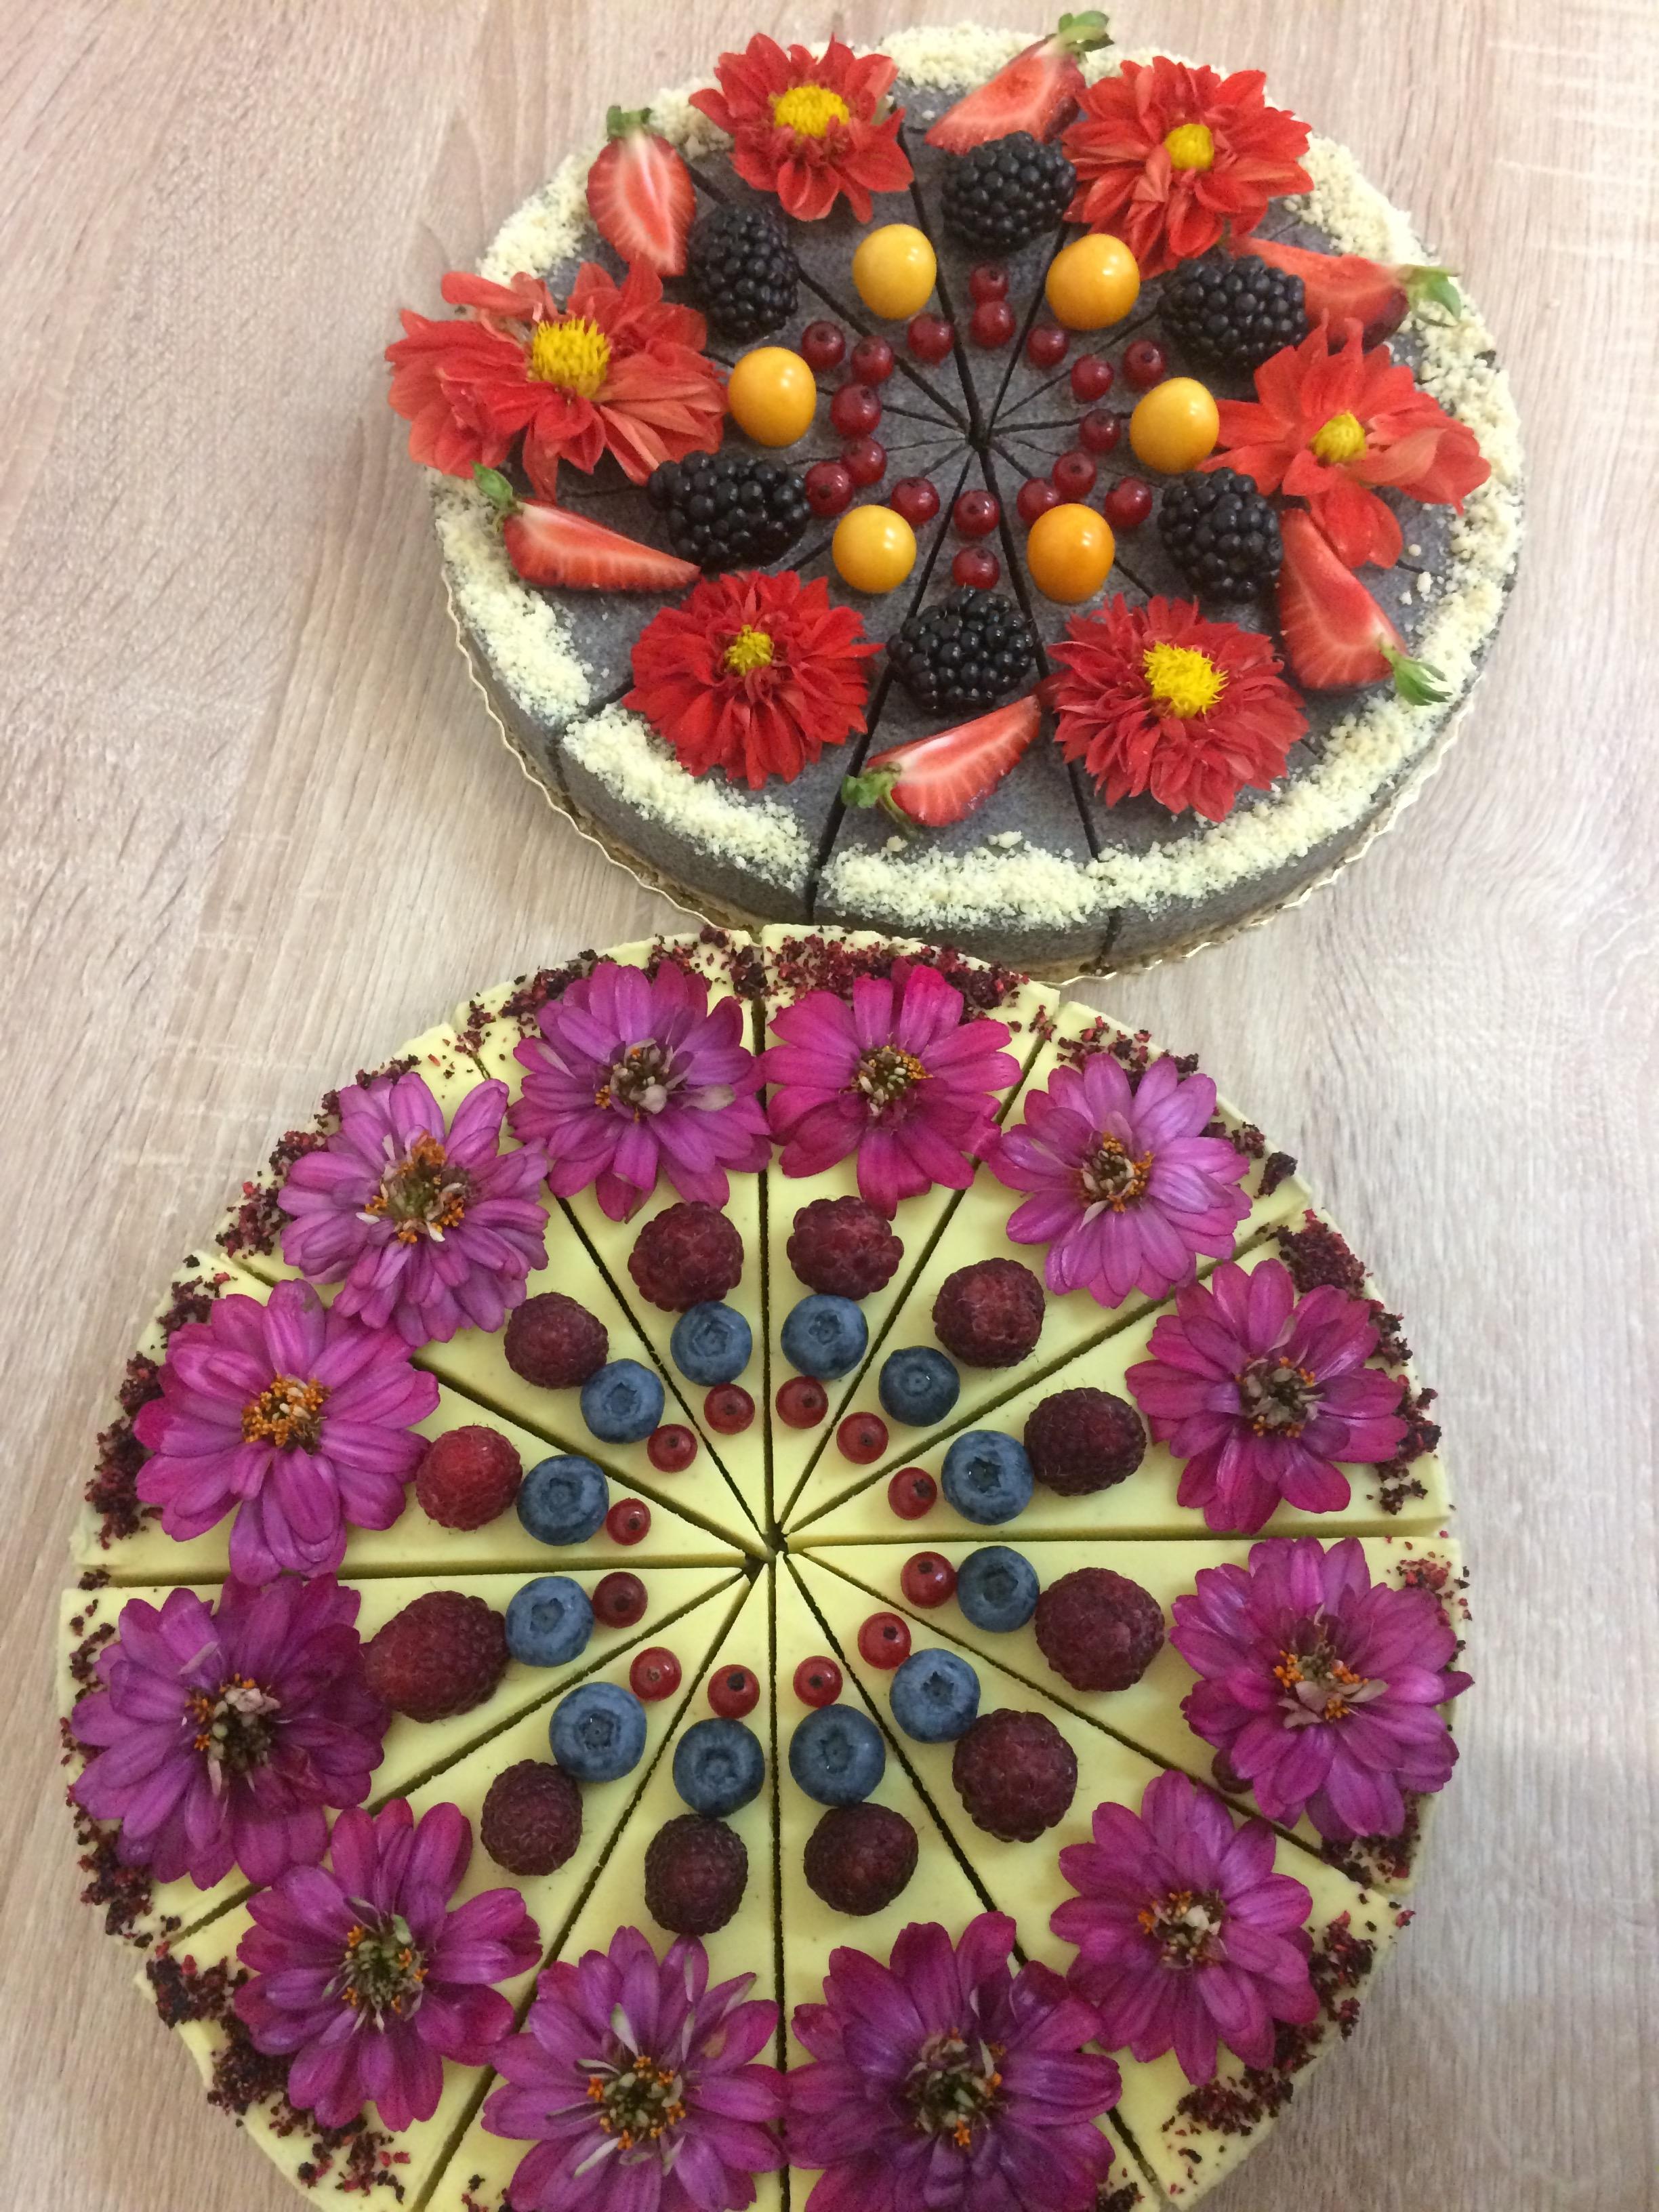 Narodeninové raw torty s ovocím a jedlými kvetmi